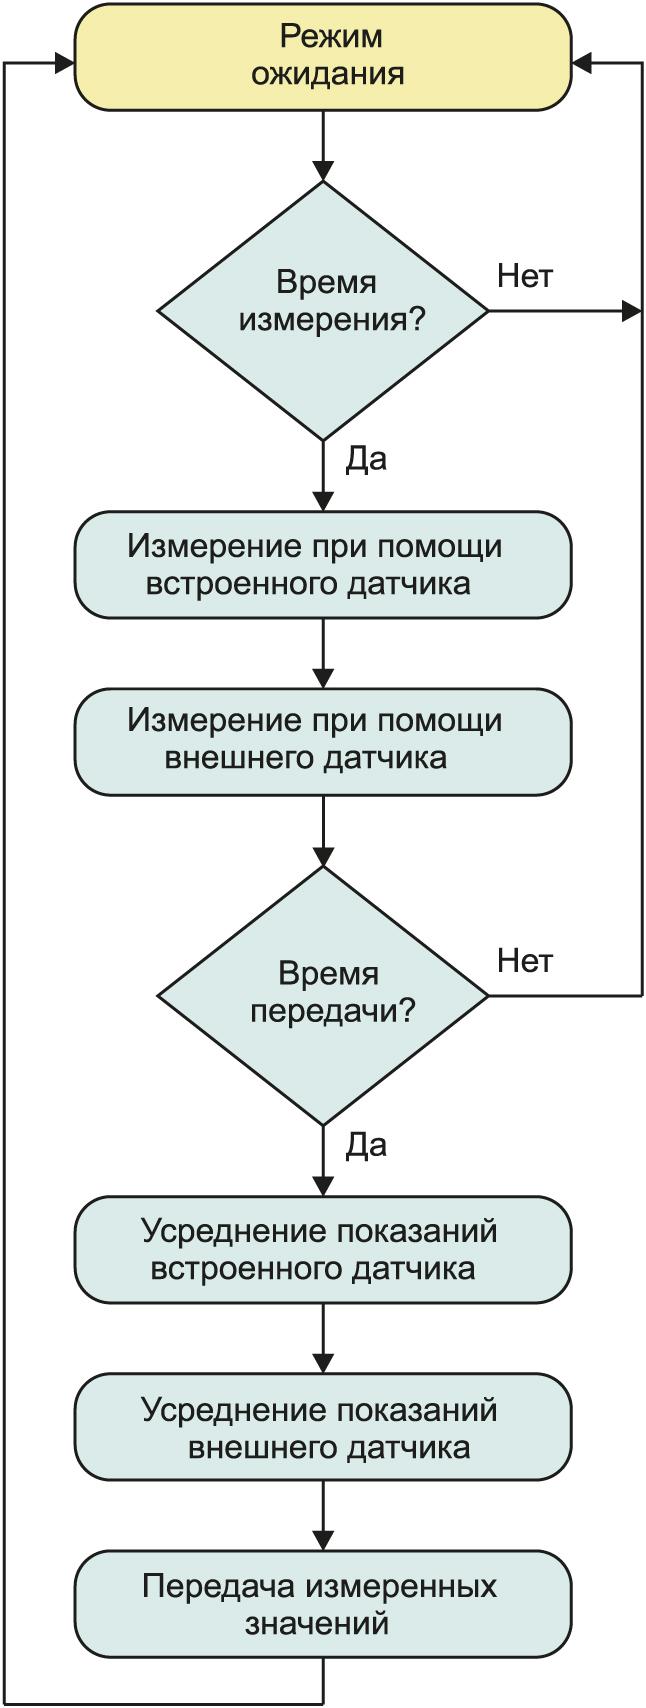 алгоритм работы беспроводных устройств Adeunis